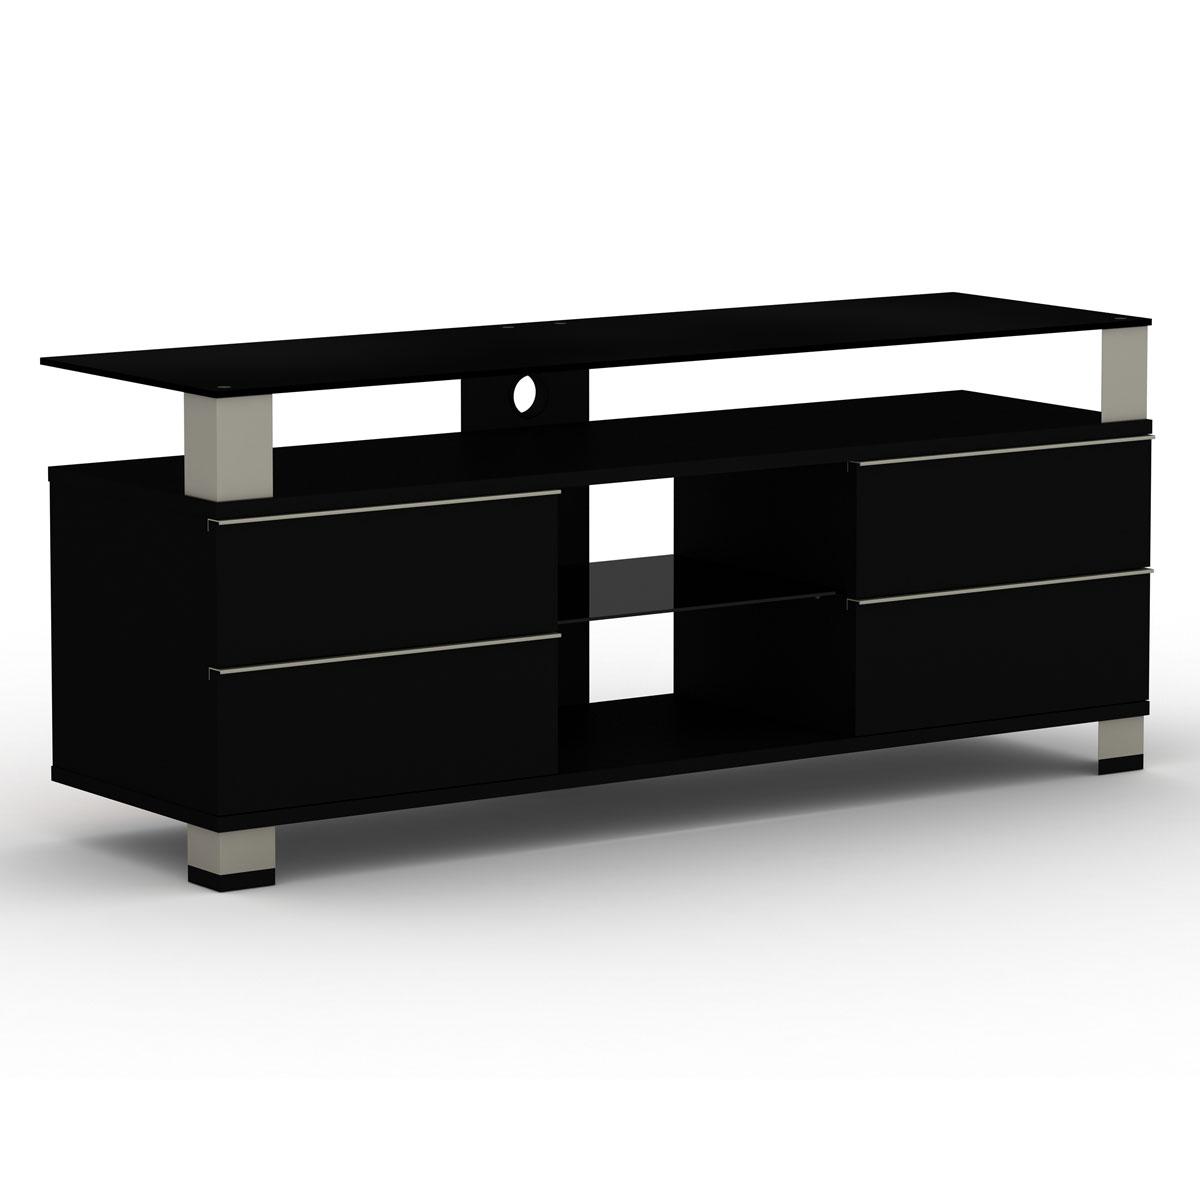 Elmob pone pn 140 03 noir meuble tv elmob sur for Meubles pour television ecran plat